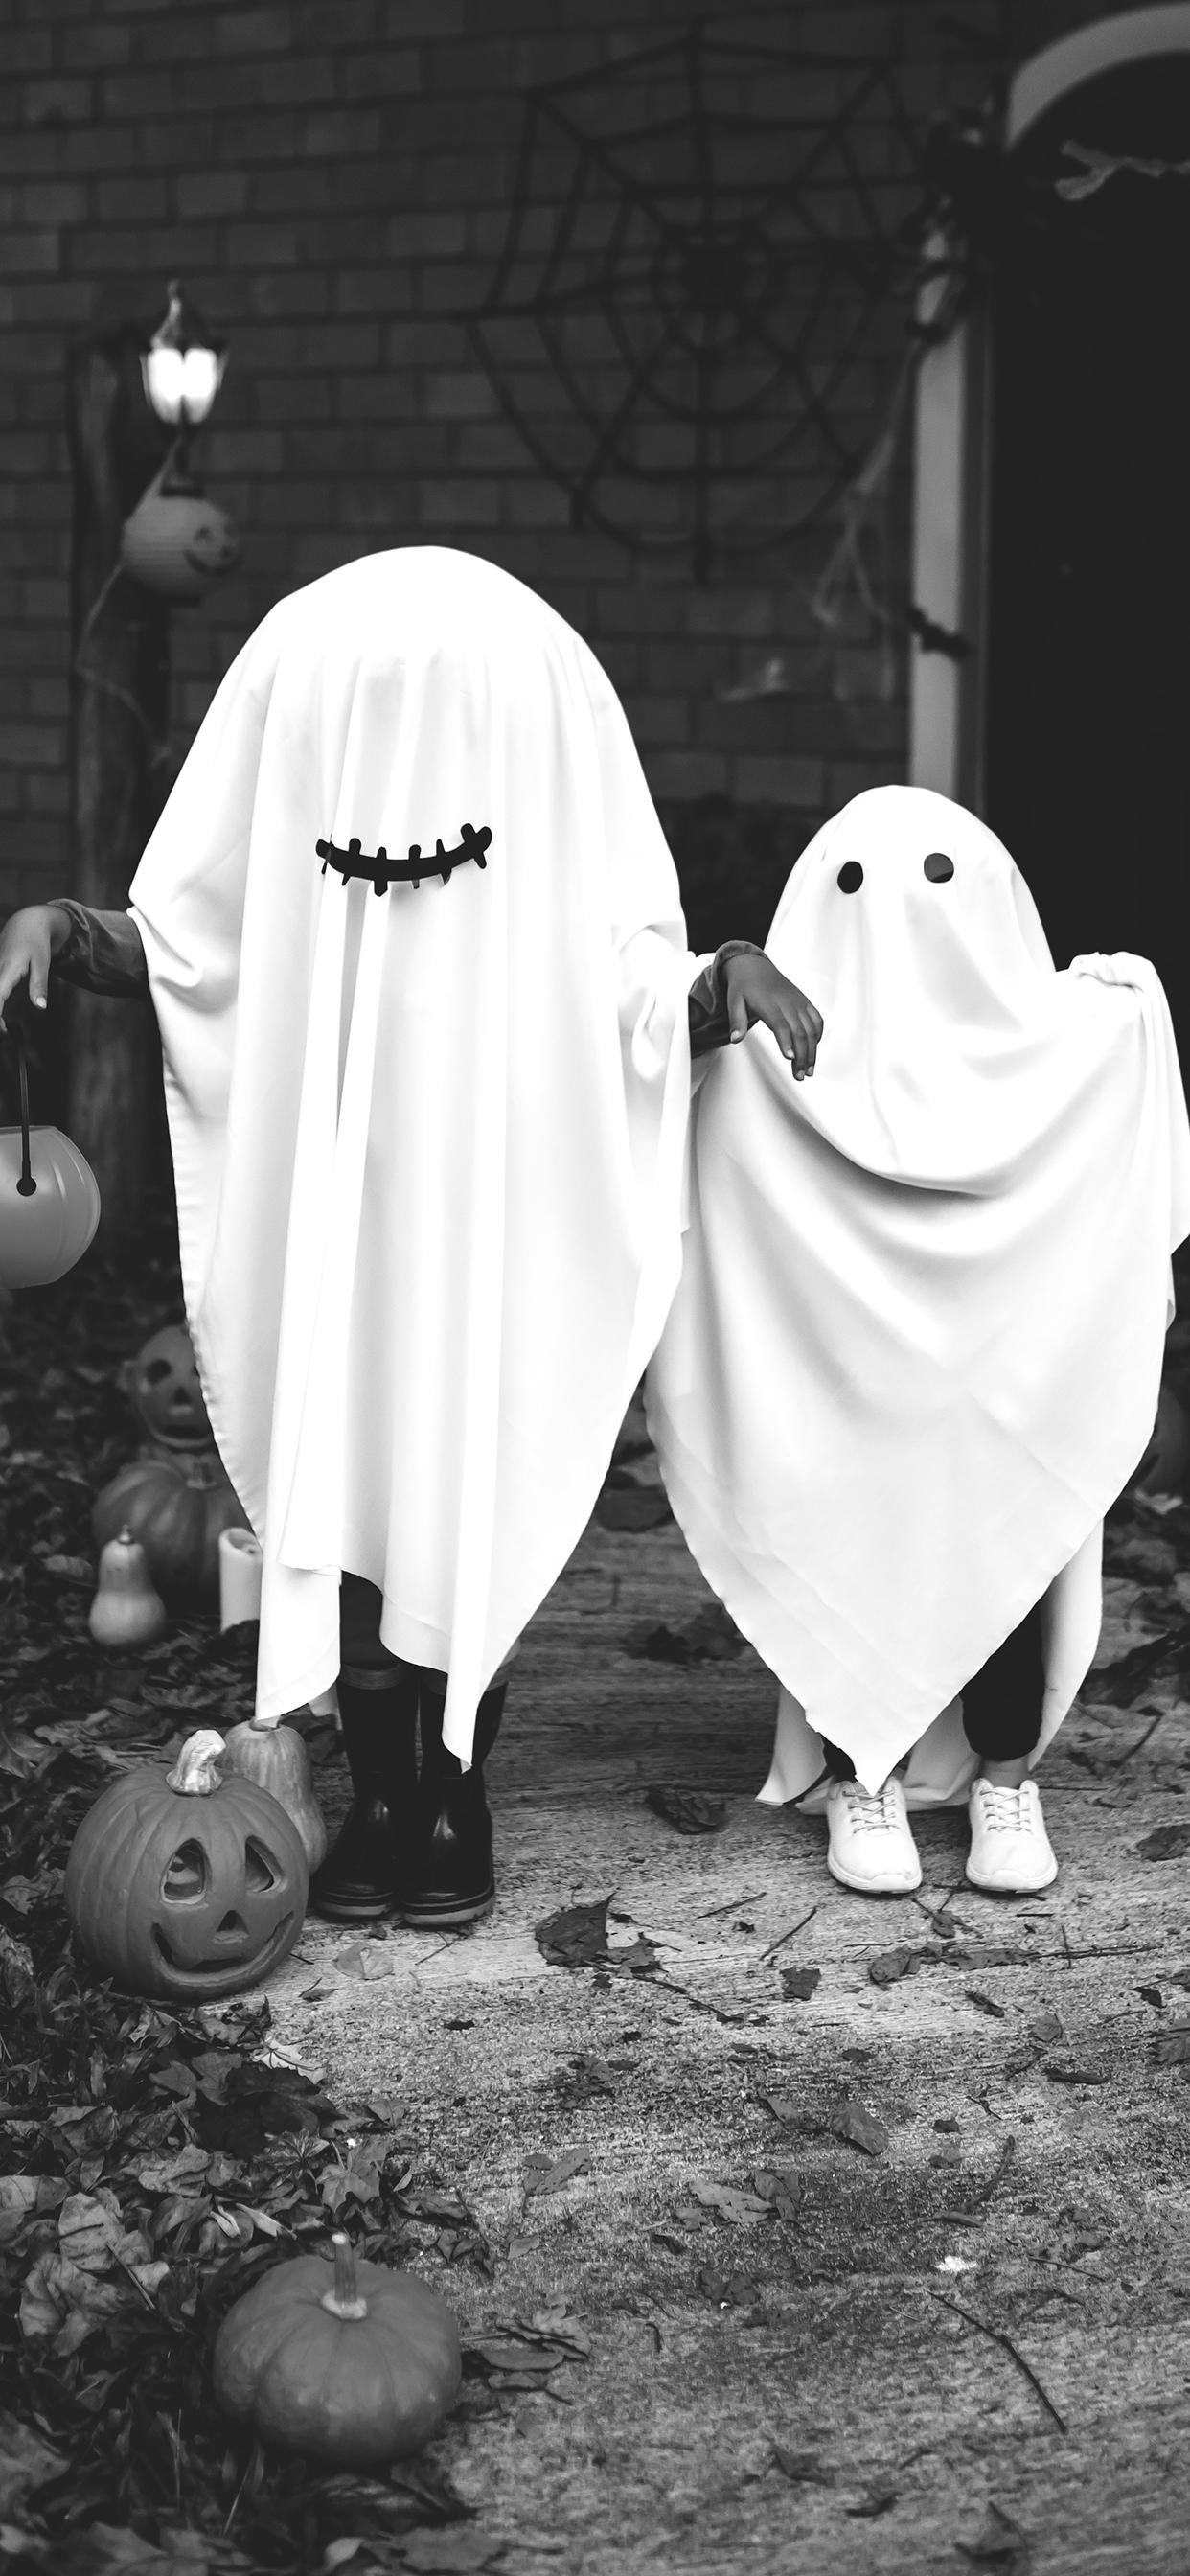 iPhone wallpaper halloween ghost Halloween